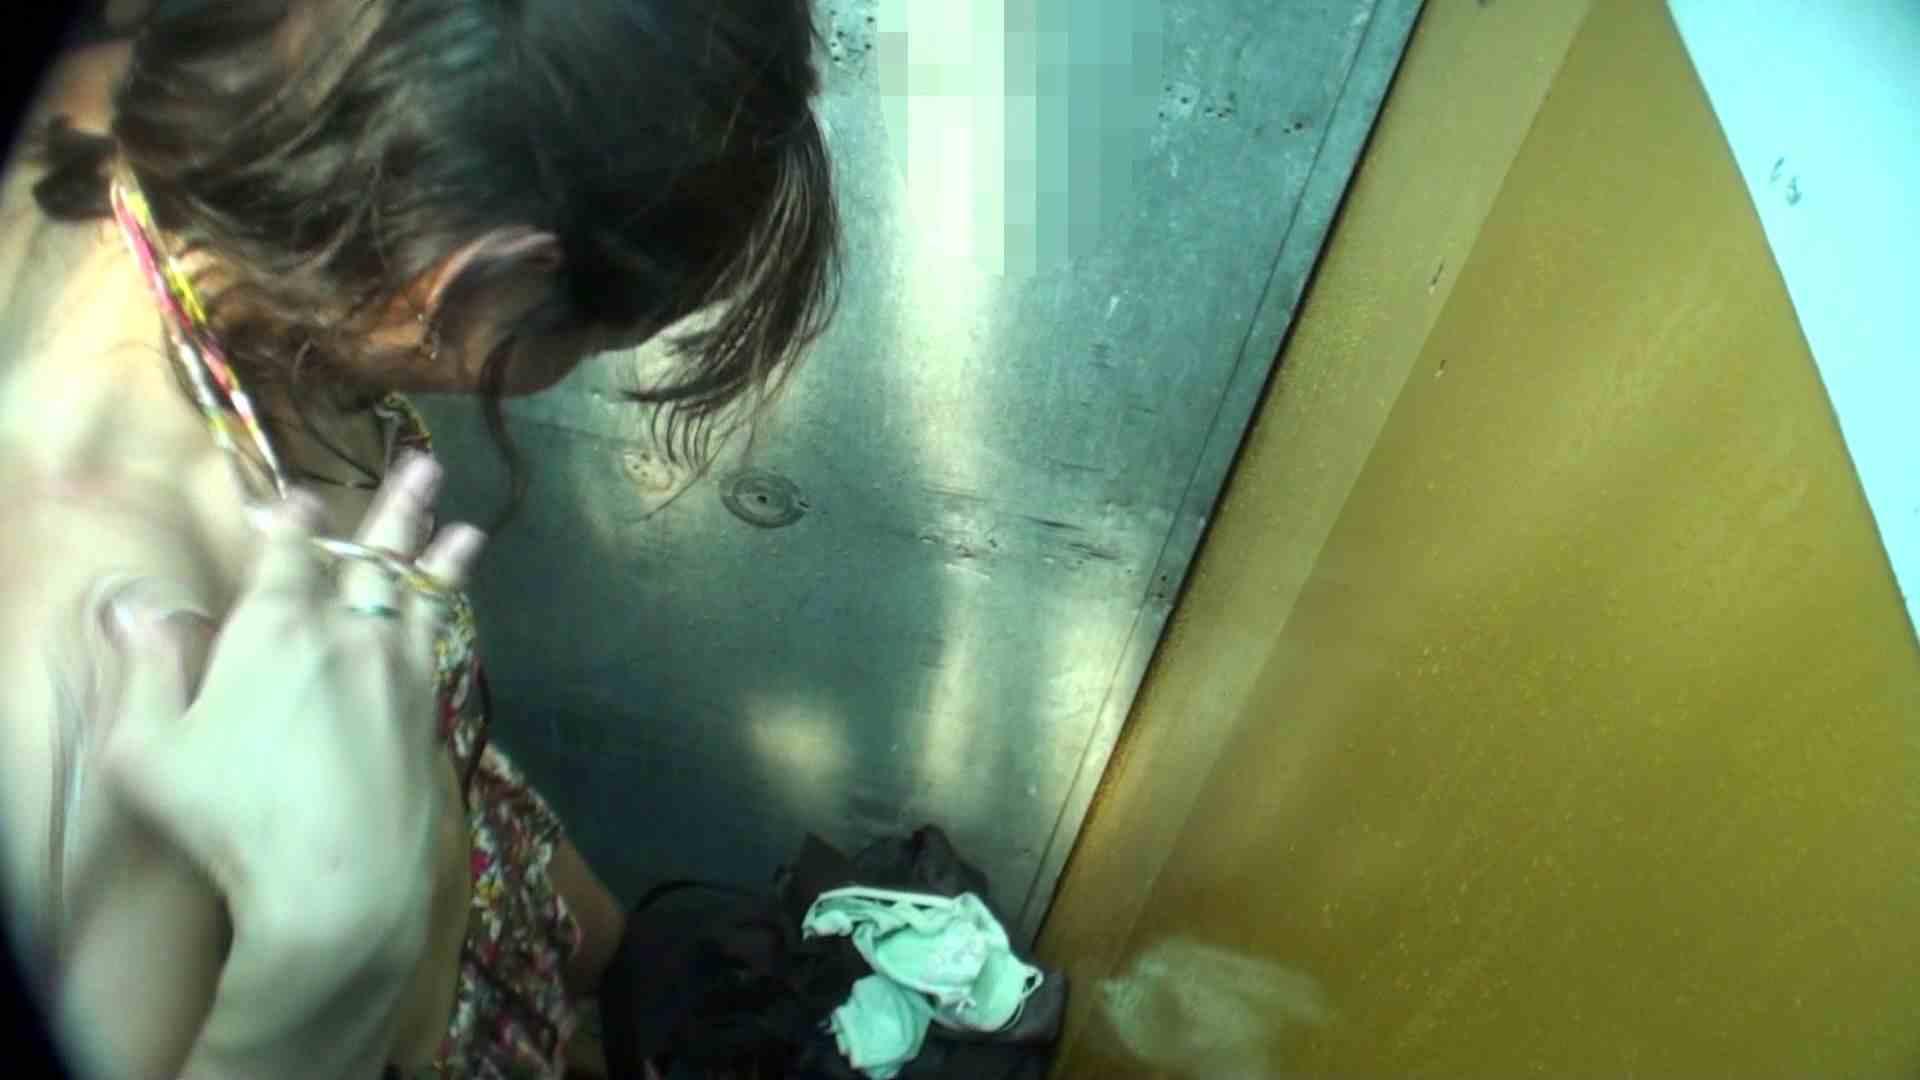 シャワールームは超!!危険な香りVol.16 意外に乳首は年増のそれ 脱衣所の着替え えろ無修正画像 105画像 38